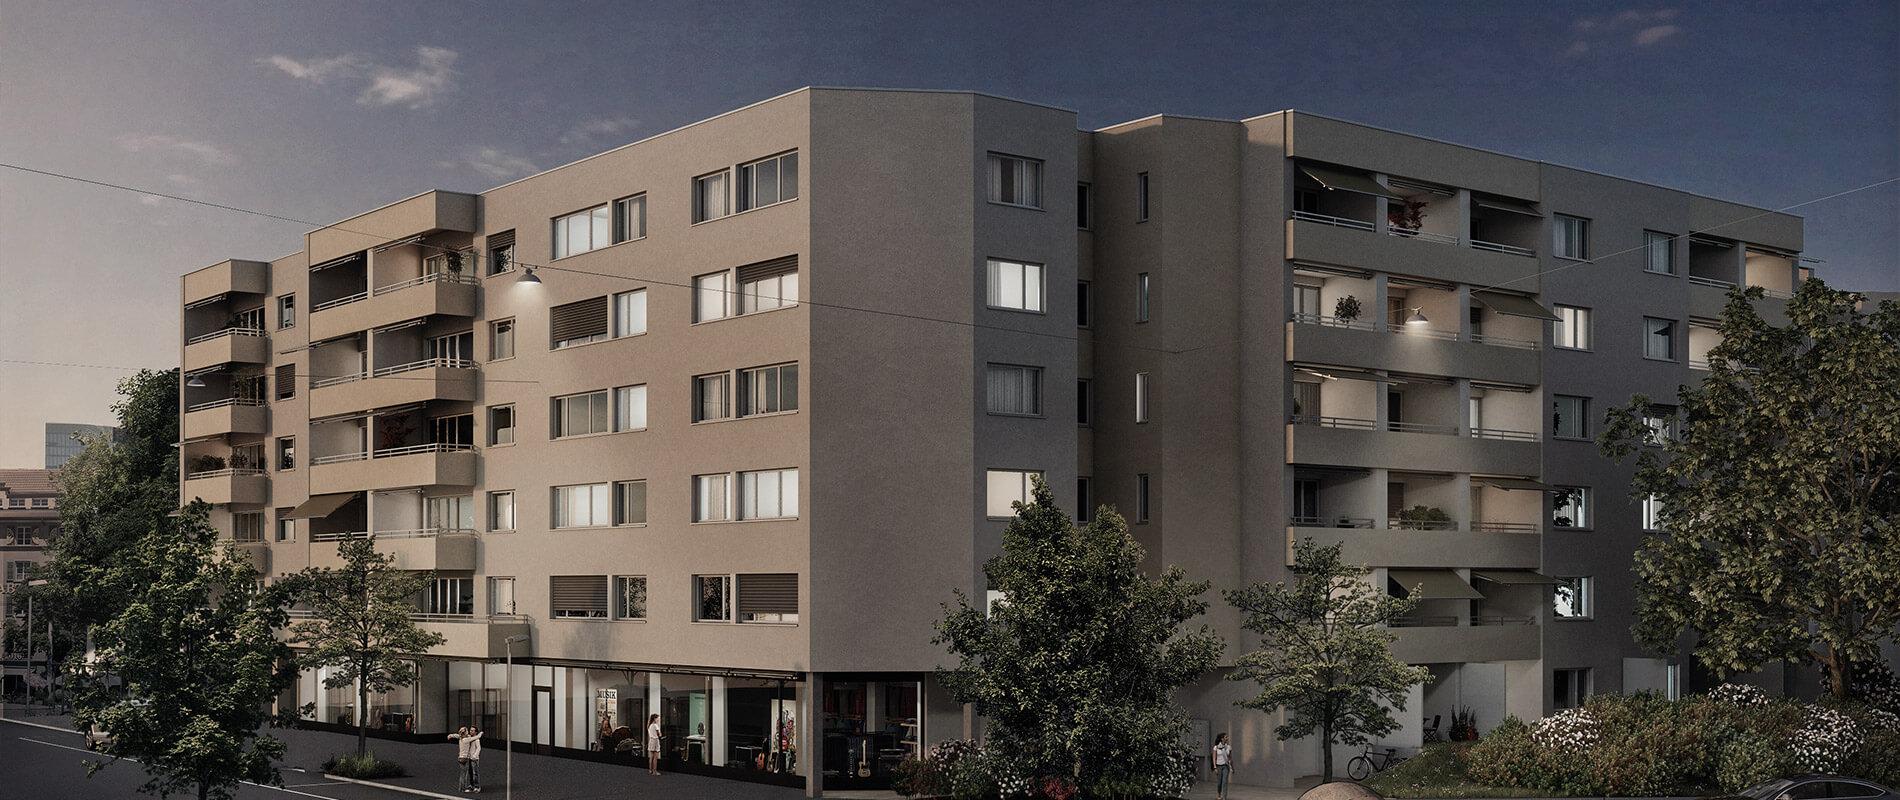 Sanierung 7 Mehrfamilienhäuser Kanzleistrasse | Referenz | Ettinger Partner